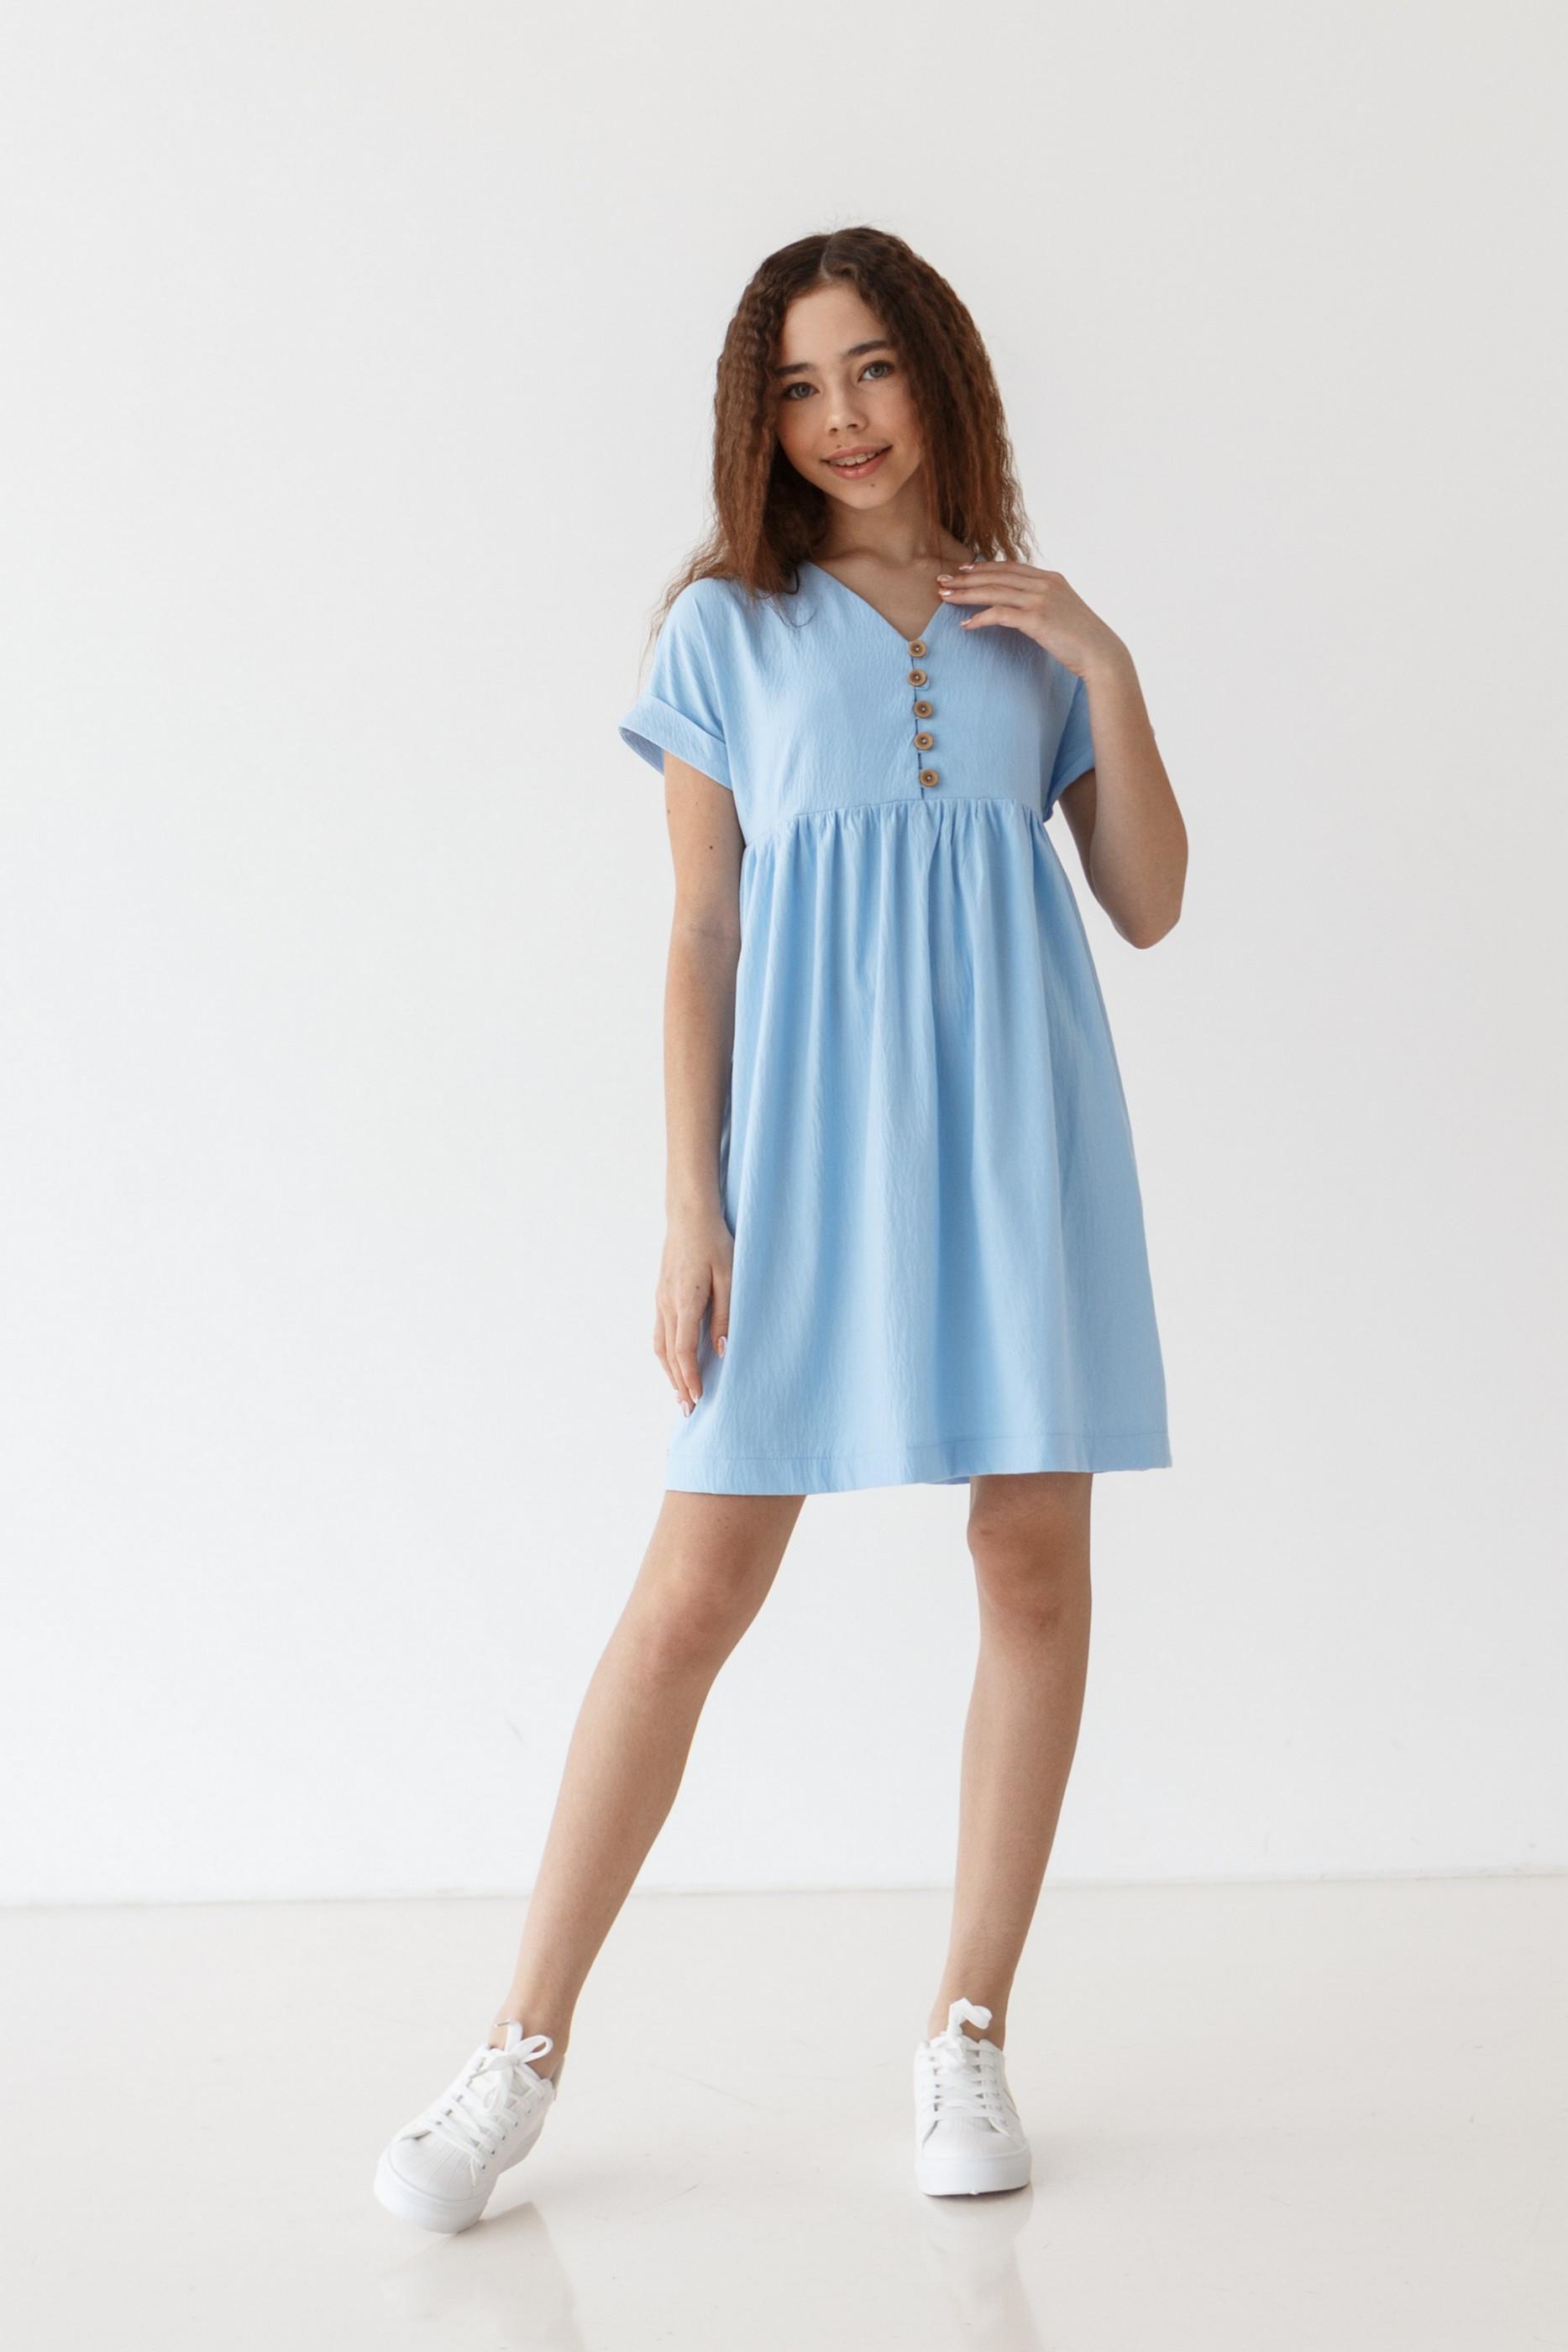 Плаття Лана, фото №5